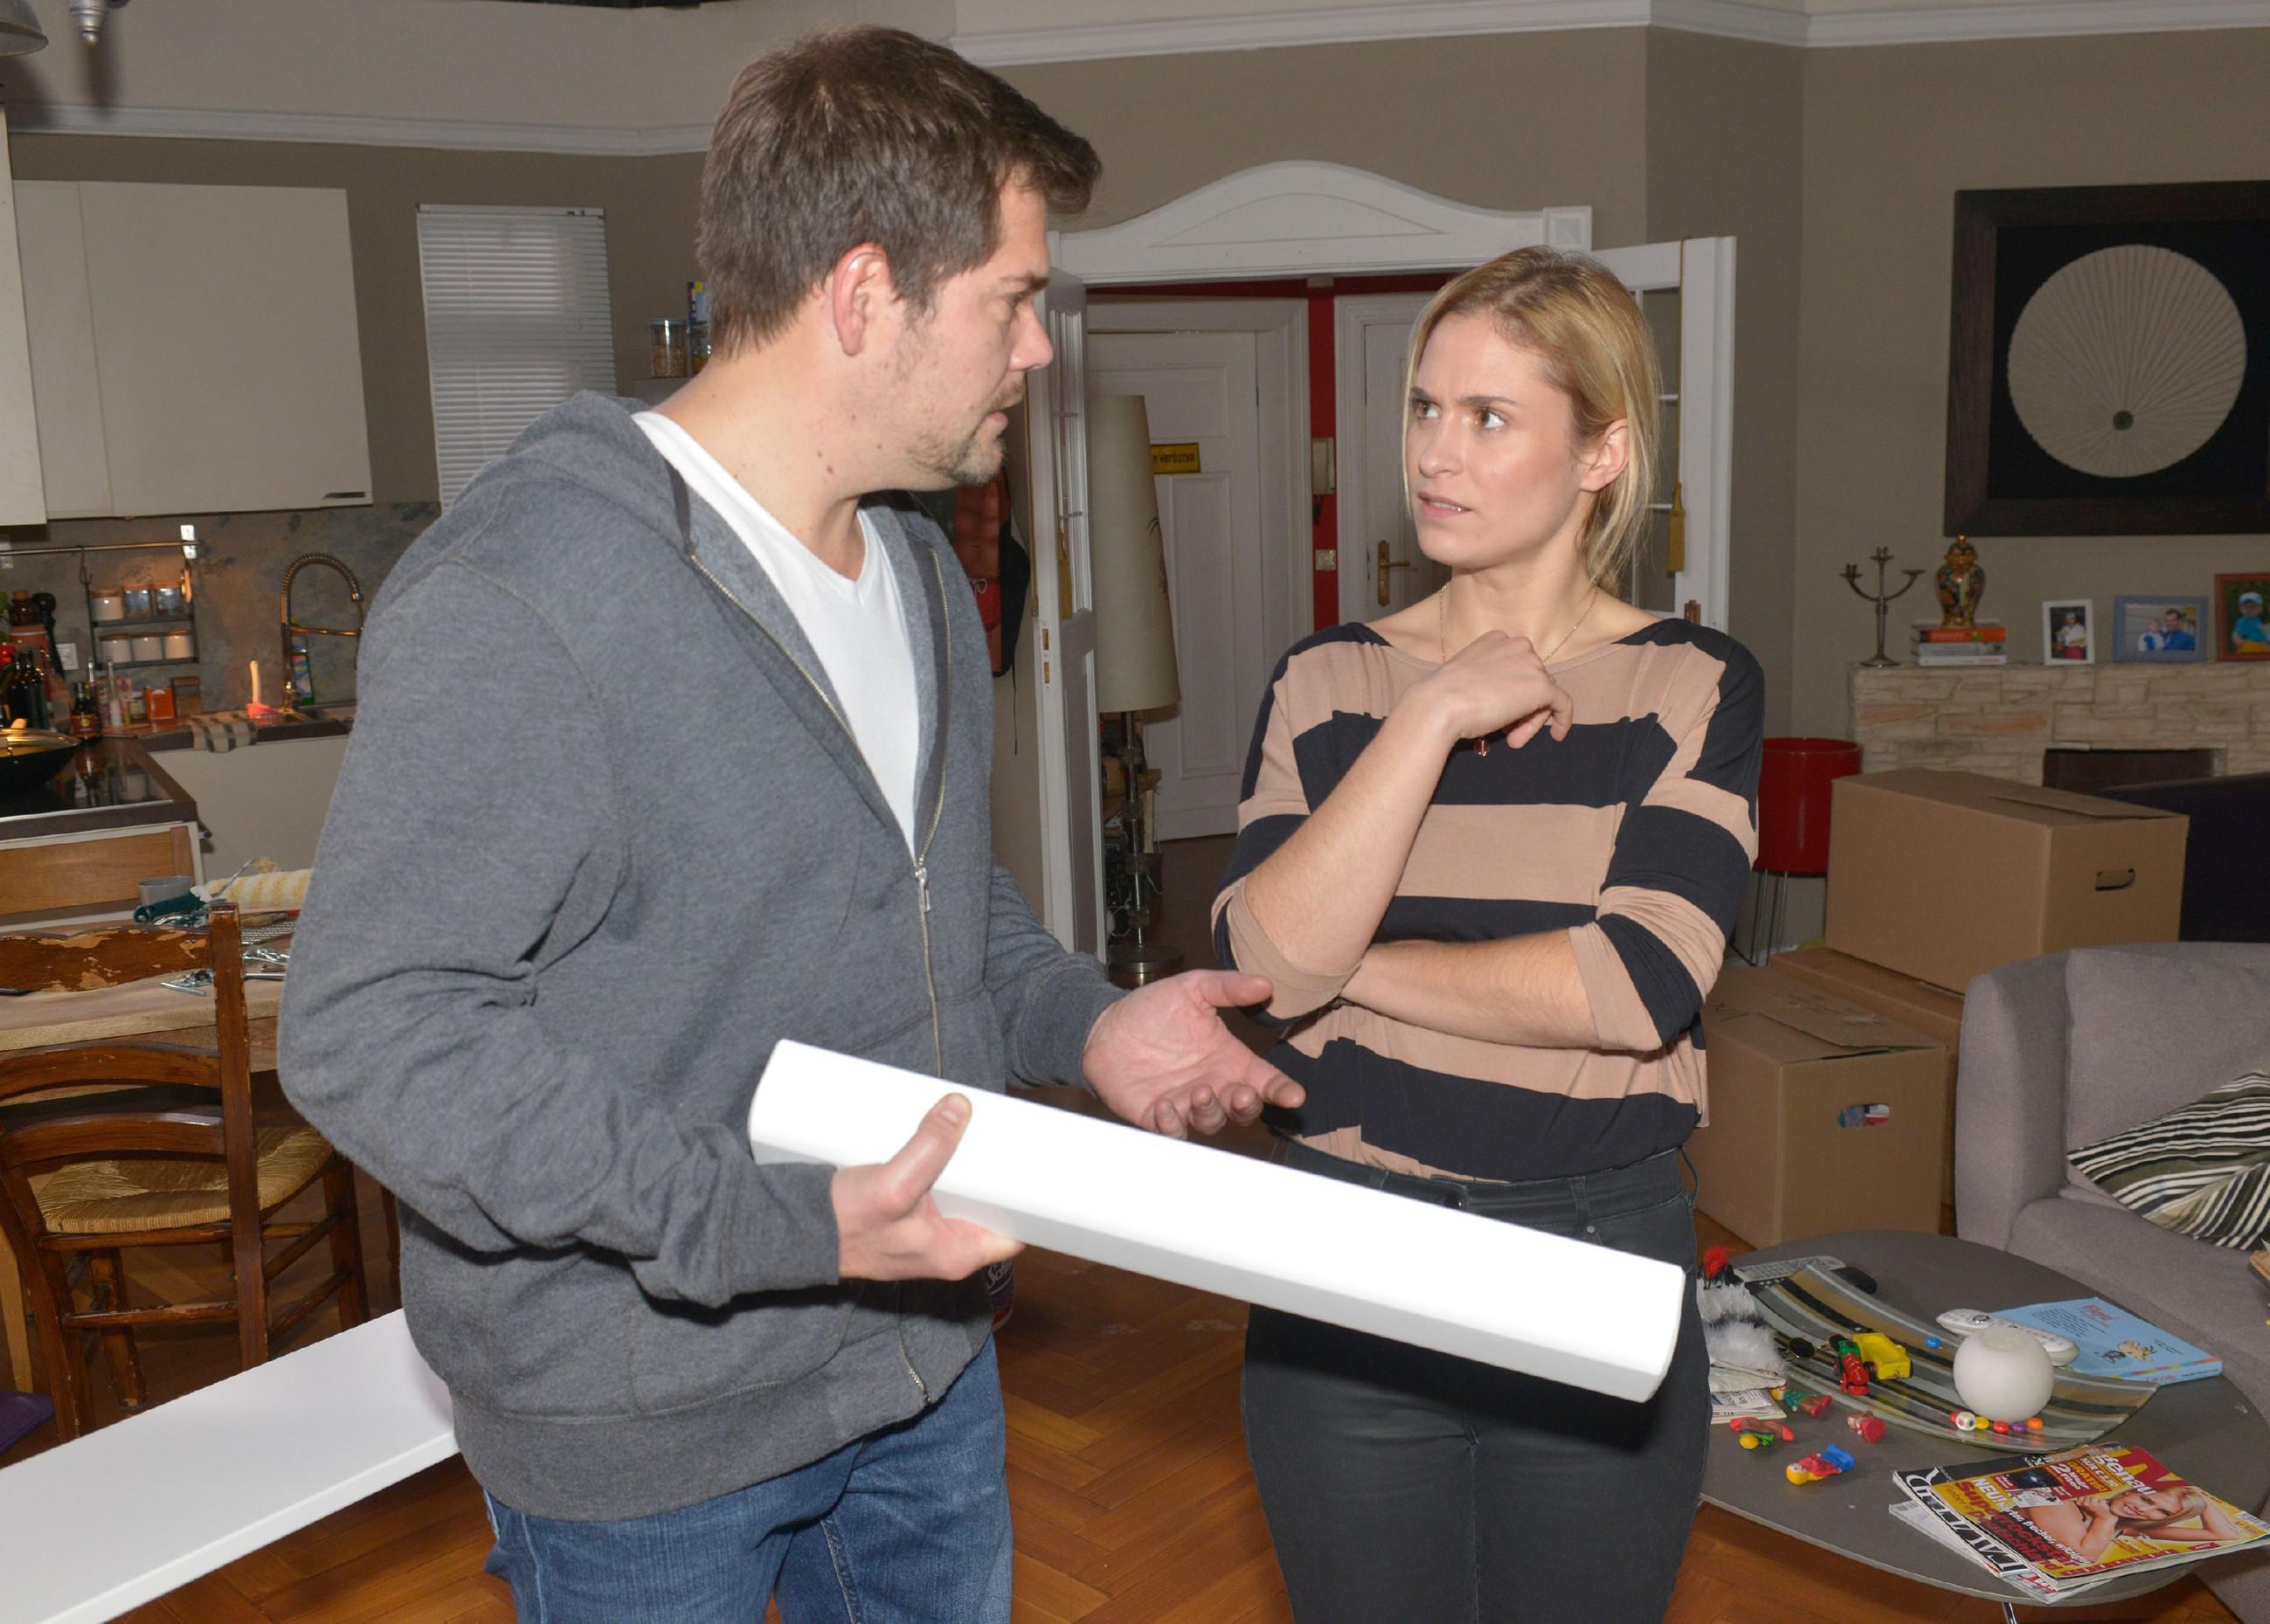 Als Sophie (Lea Marlen Woitack) auf die Idee kommt, Oskar Vince´ altes Zimmer zu geben, lässt sich Leon (Daniel Fehlow) nur widerwillig darauf ein, da ihm der Gedanke, endgültig Tatsachen wegen Vince` Auszug zu schaffen, schwerfällt. (Quelle: RTL / Rolf Baumgartner)